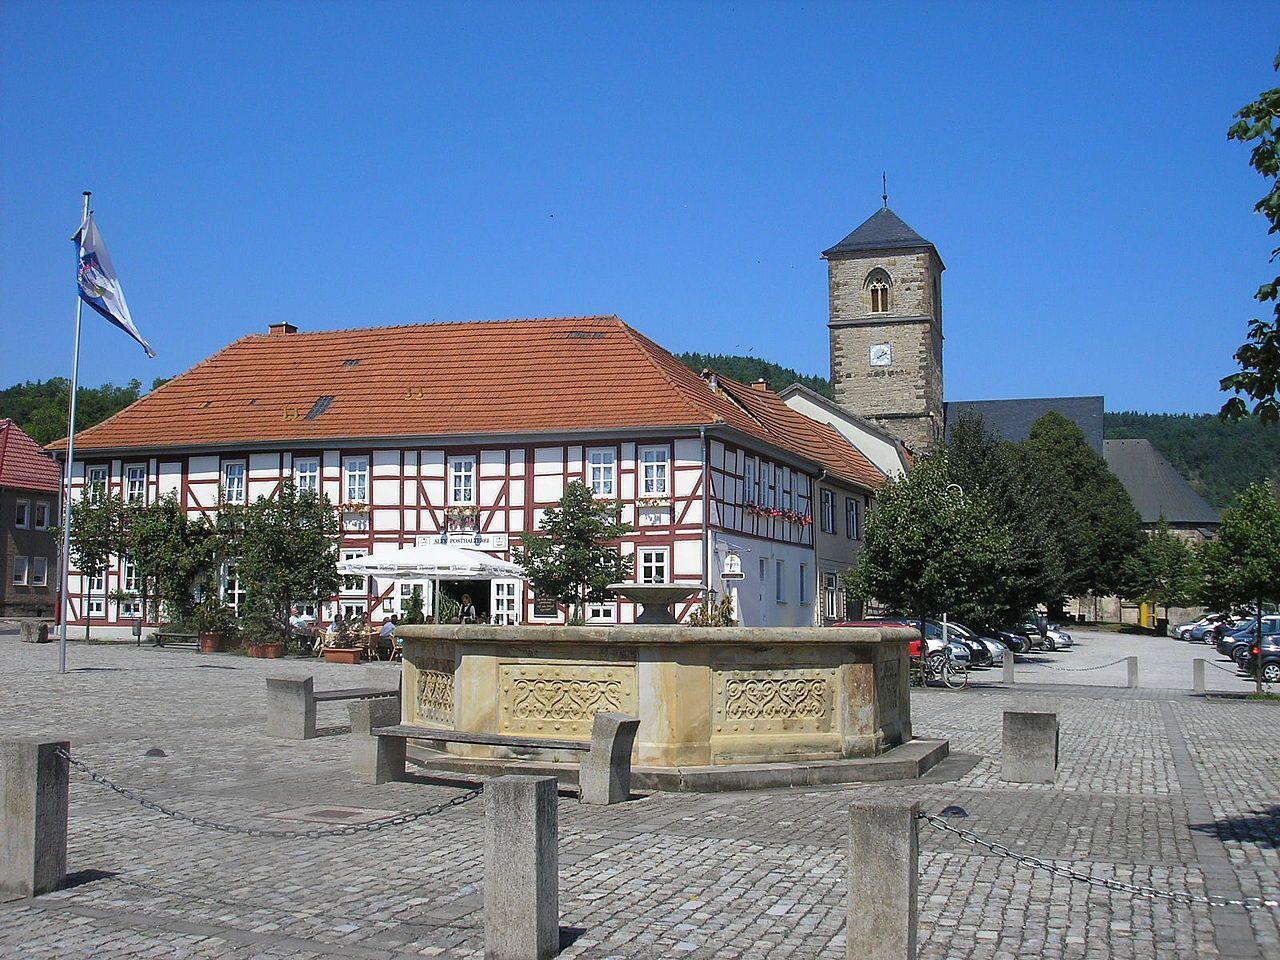 Creuzburg/ Thüringen, Marktplatz